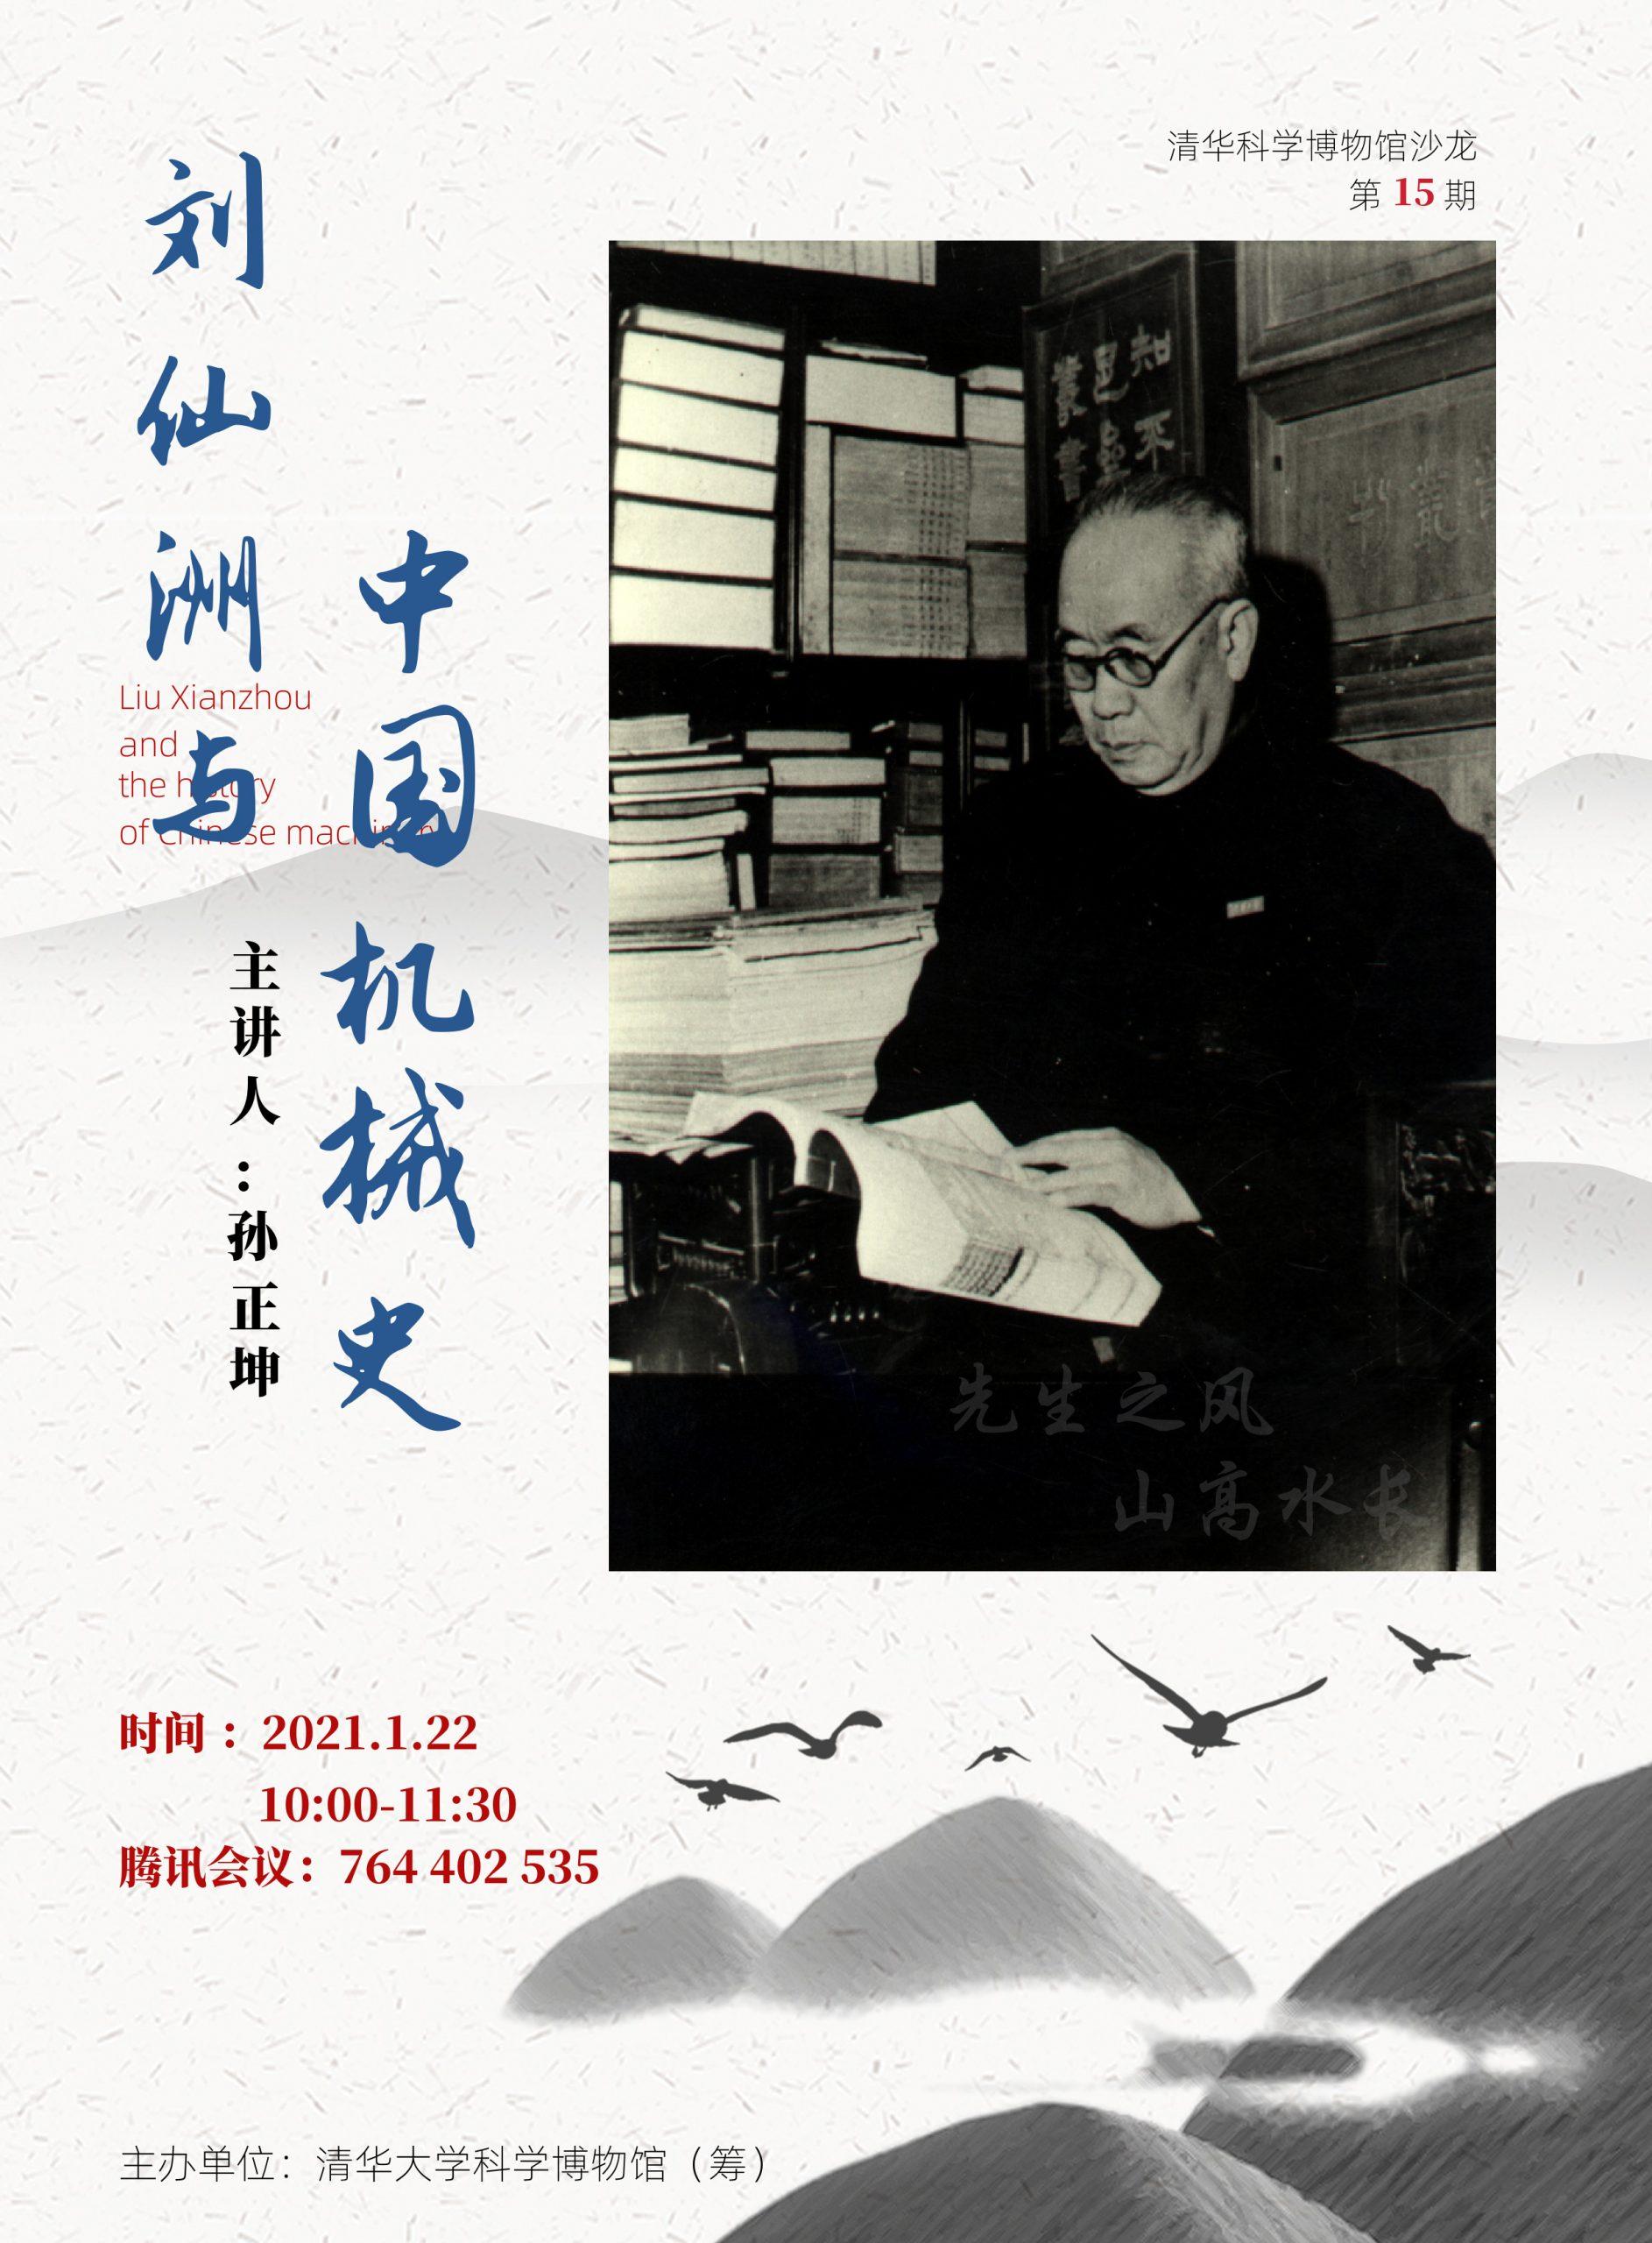 沙龙预告NO.15 | 孙正坤:刘仙洲与中国机械史